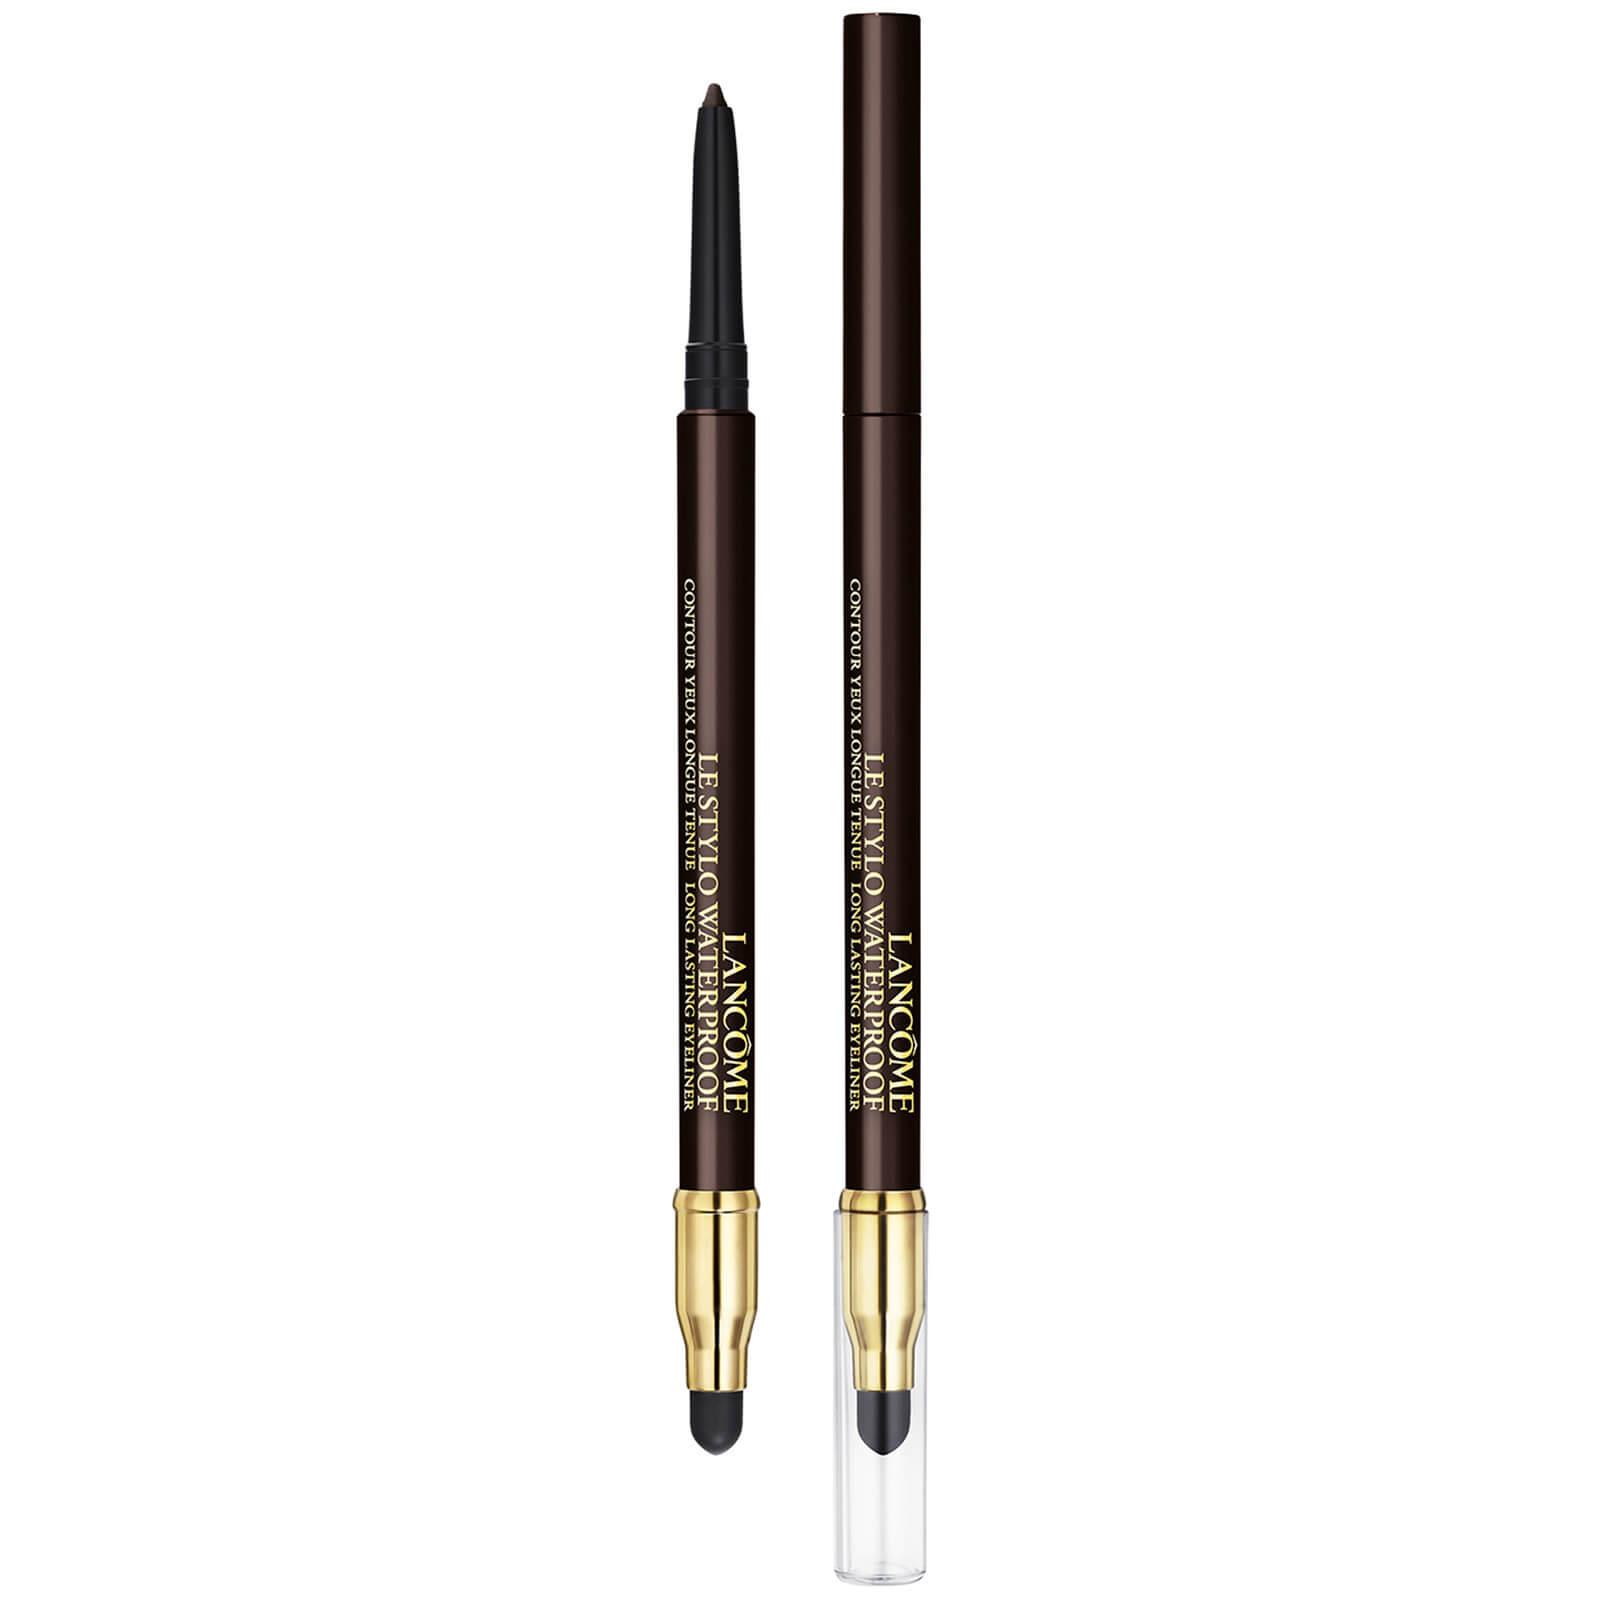 Купить Водостойкий карандаш для глаз Lancôme Le Stylo Waterproof (различные оттенки) - 03 Chocolat